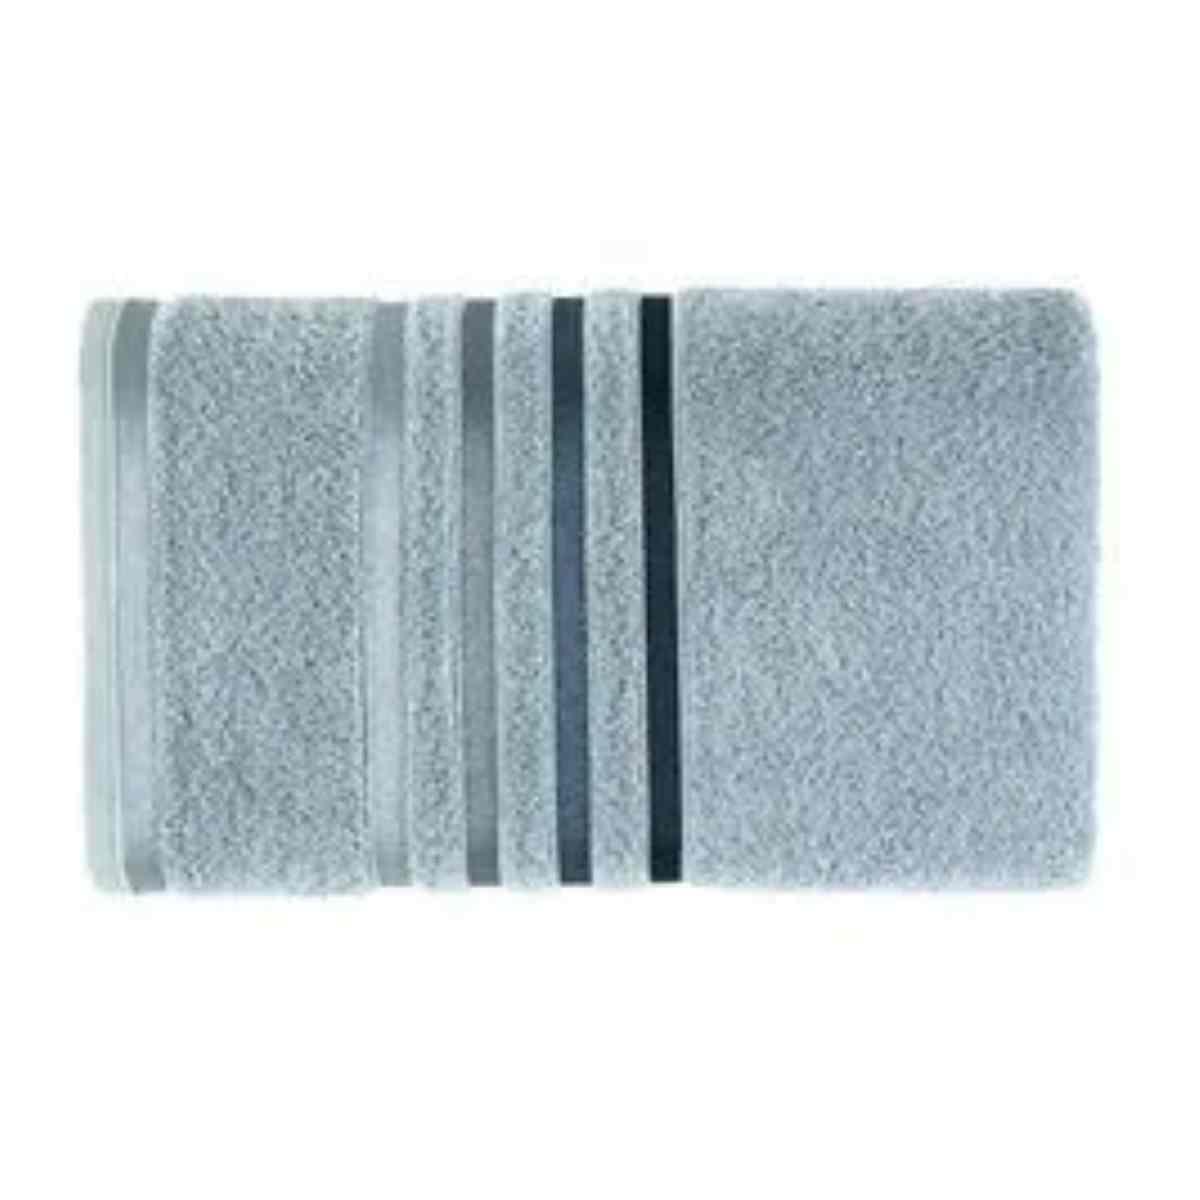 Toalha de Banho Lumina 70x140 Allure/Azul